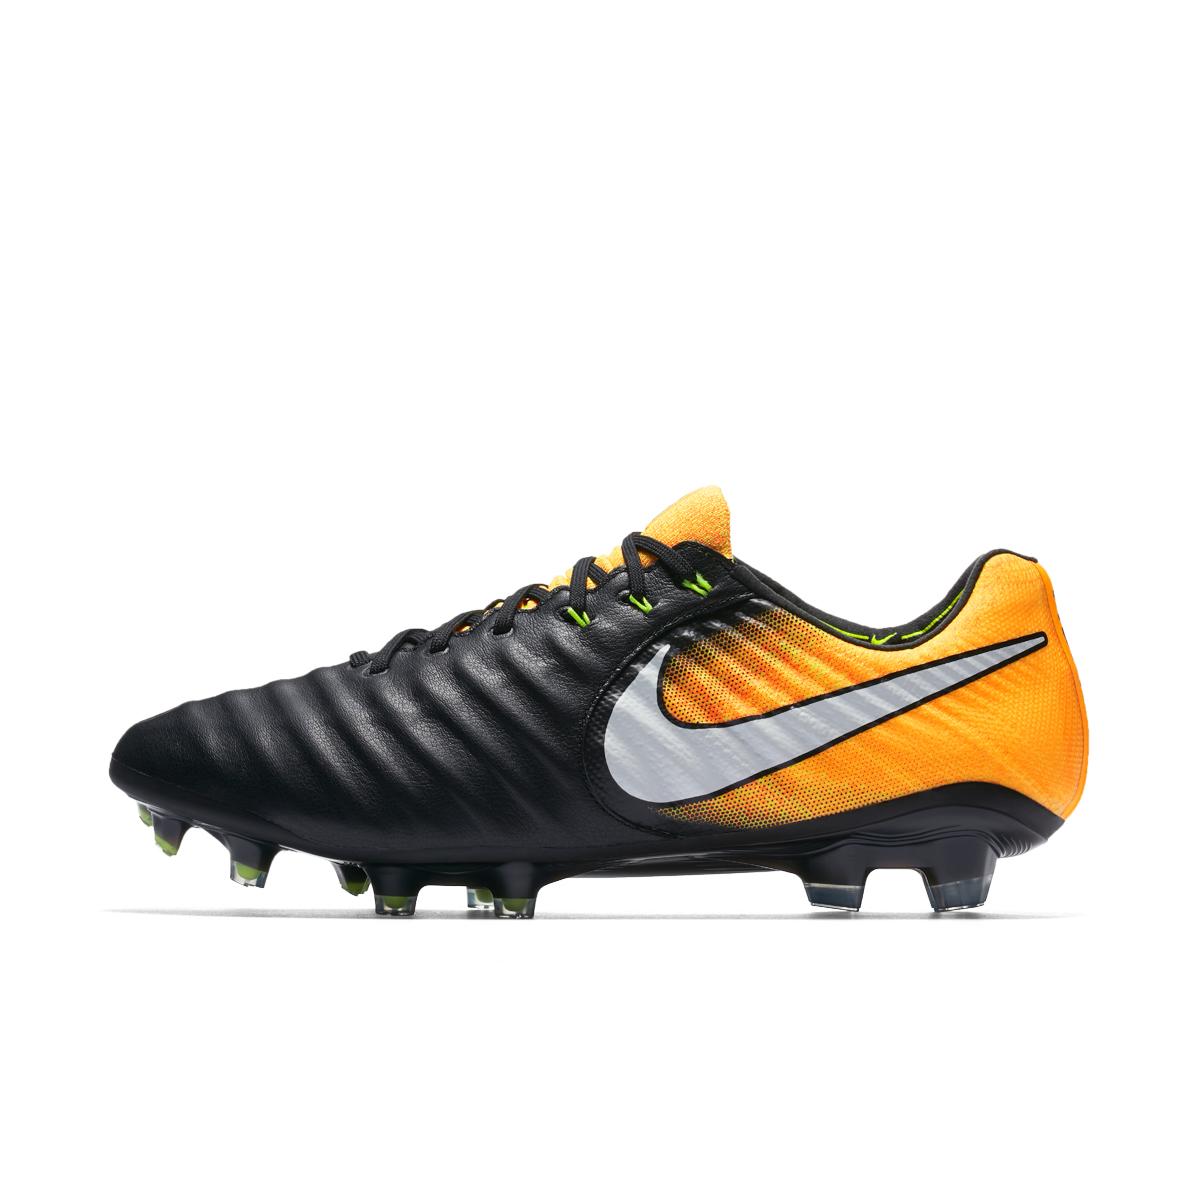 7f379c49bf154 Acquista 2 OFF QUALSIASI nuove scarpe da calcio nike CASE E OTTIENI ...